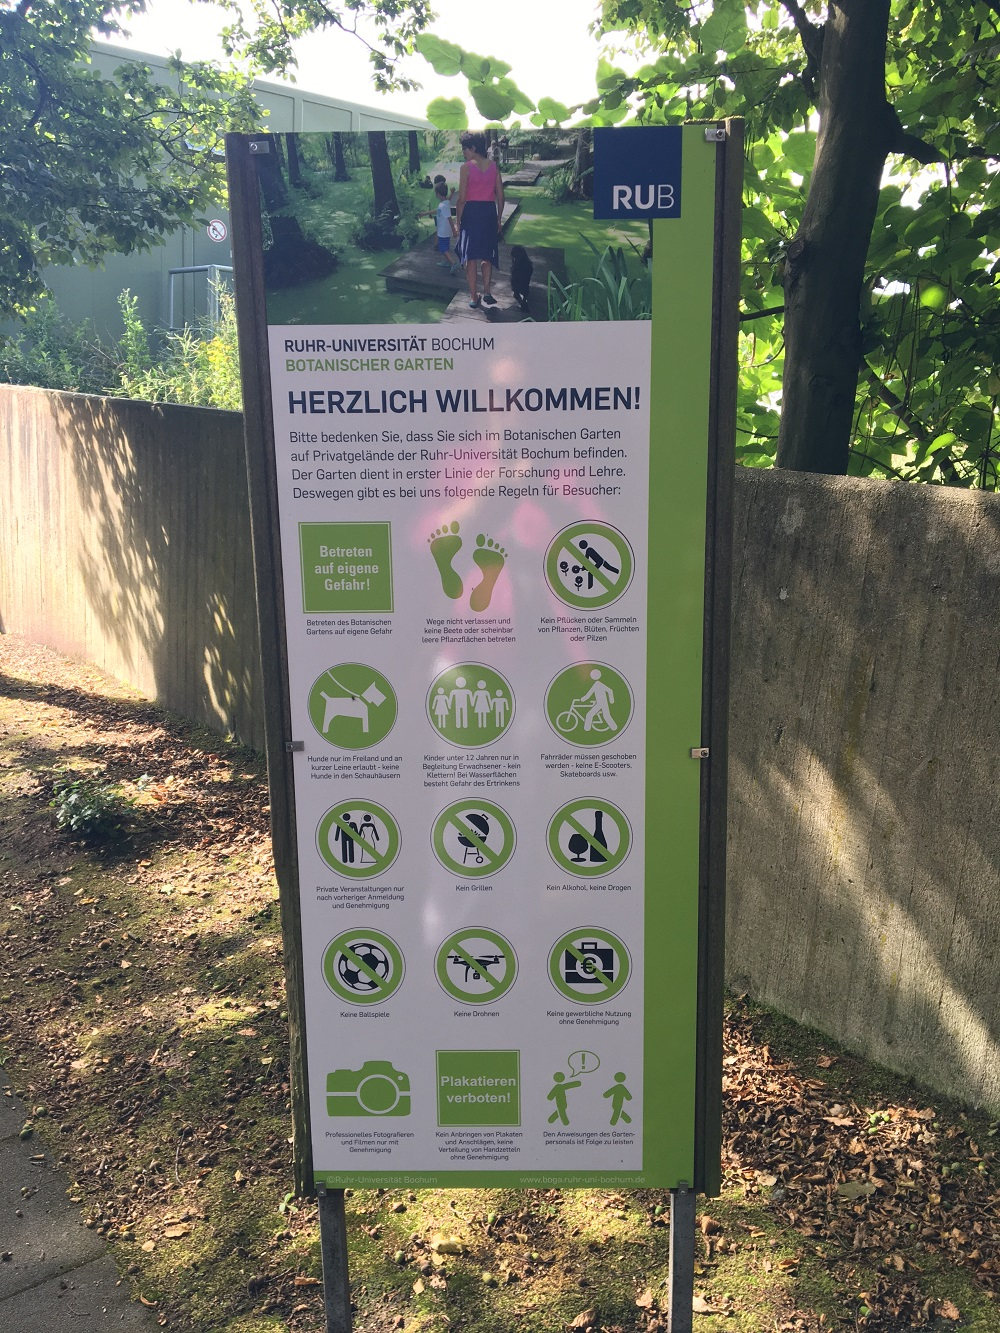 Botanische Garten Bochum Eingangsschild